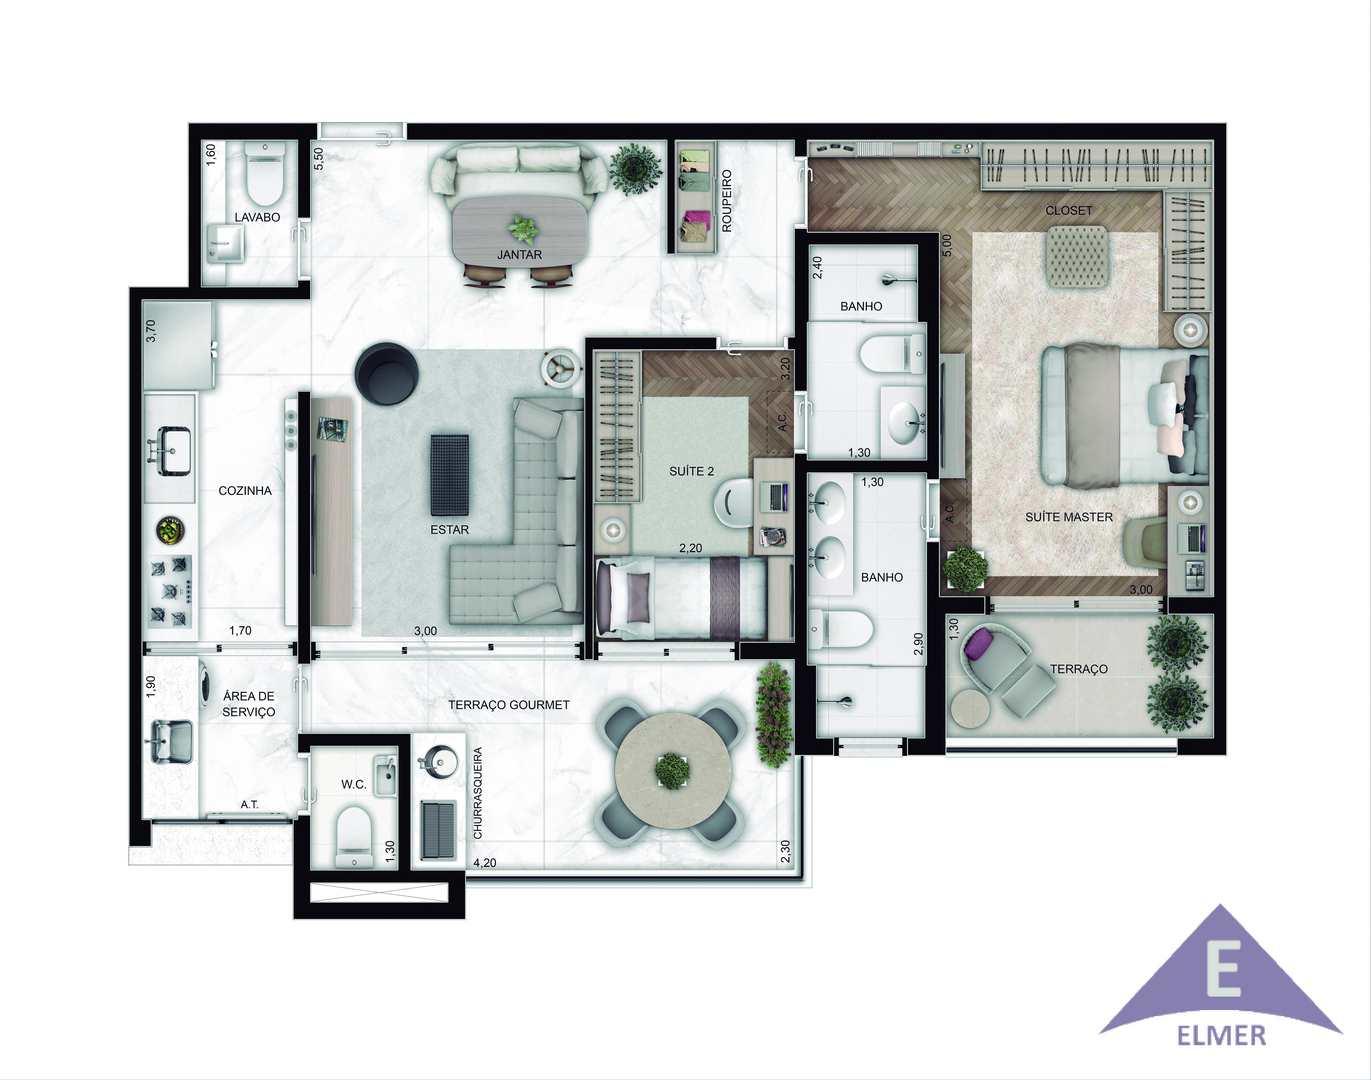 LE RÊVE City Lapa - Aptos 92 m² - LANÇAMENTO DE SUCESSSO